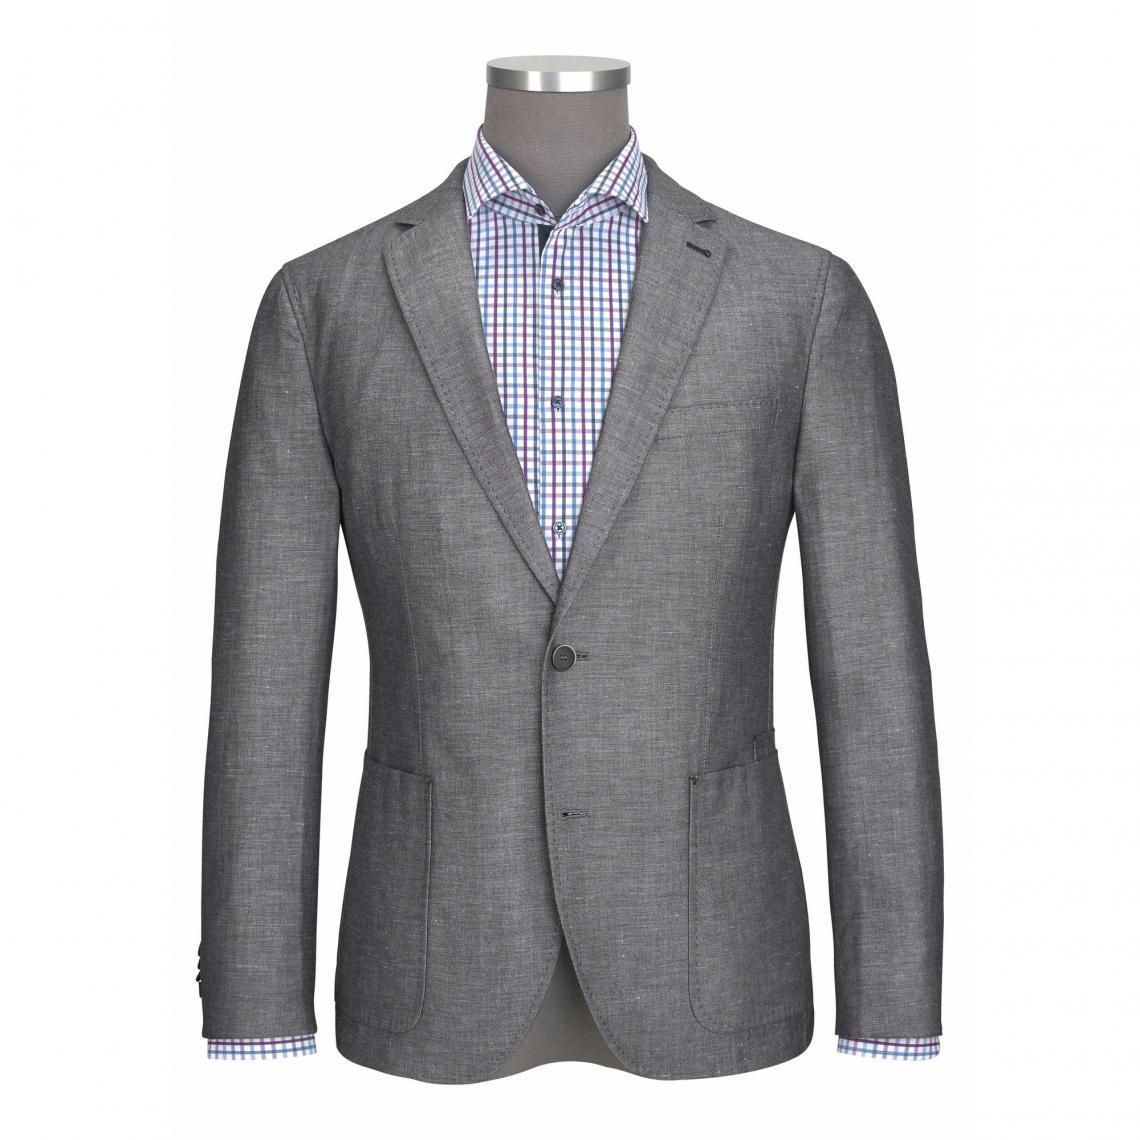 Veste de costume homme Class International - Gris Clair 3 SUISSES 10799781d4b